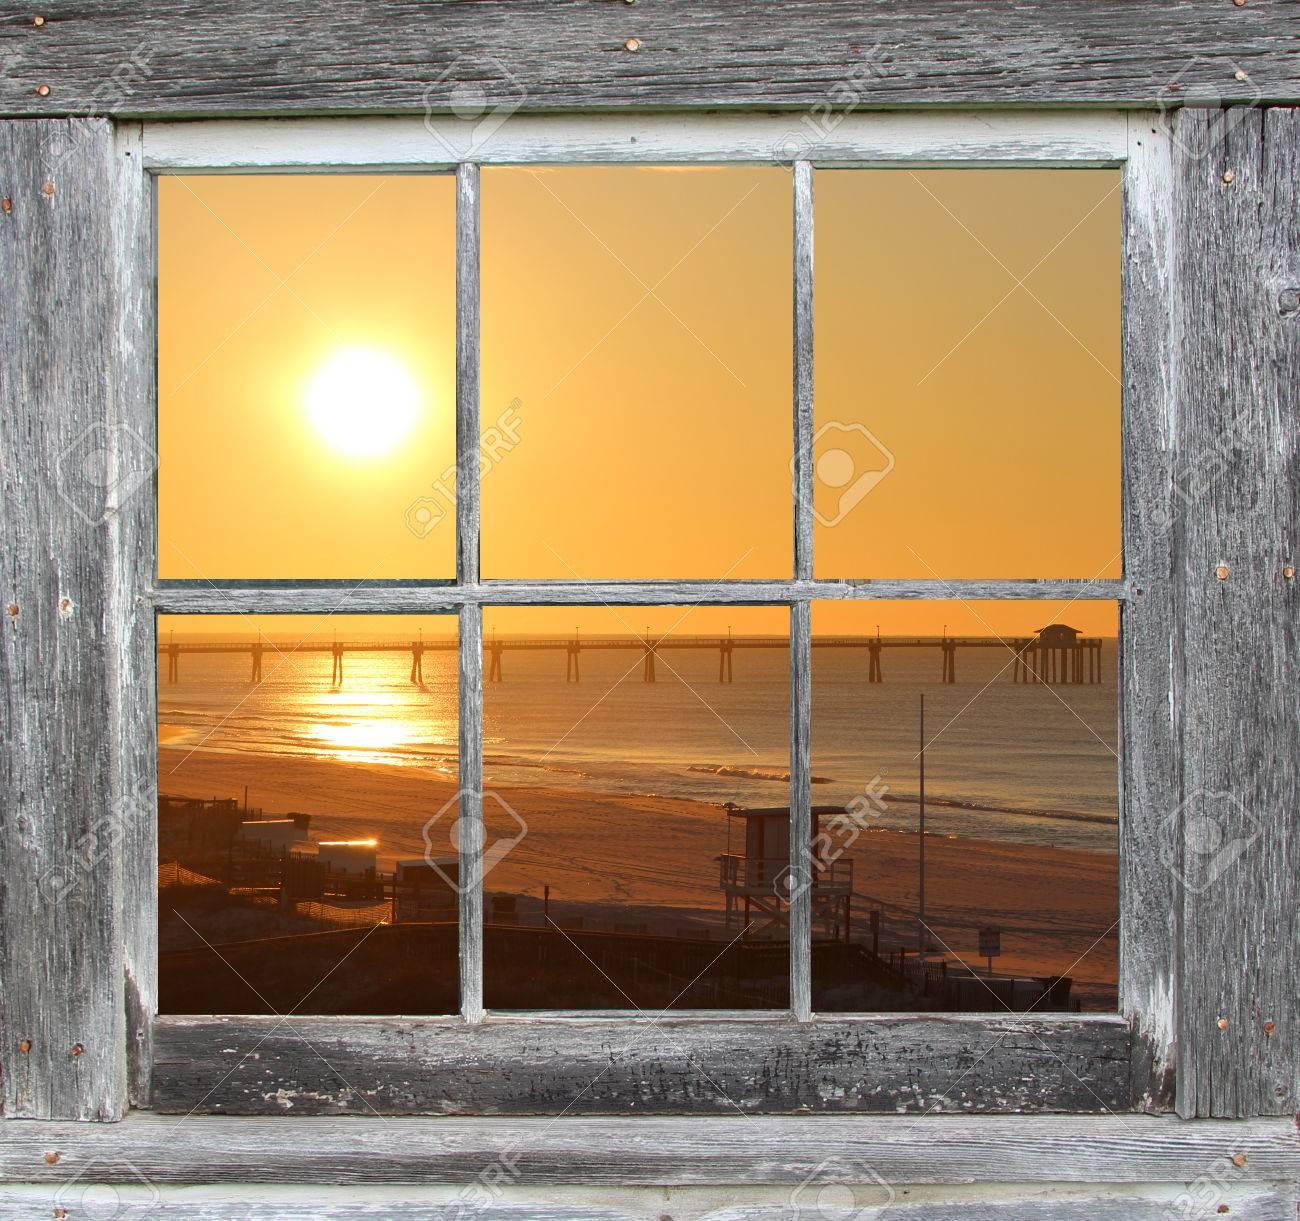 Fensterflügelrahmen Mit Ocean Sunset Anzeigen Lizenzfreie Fotos ...